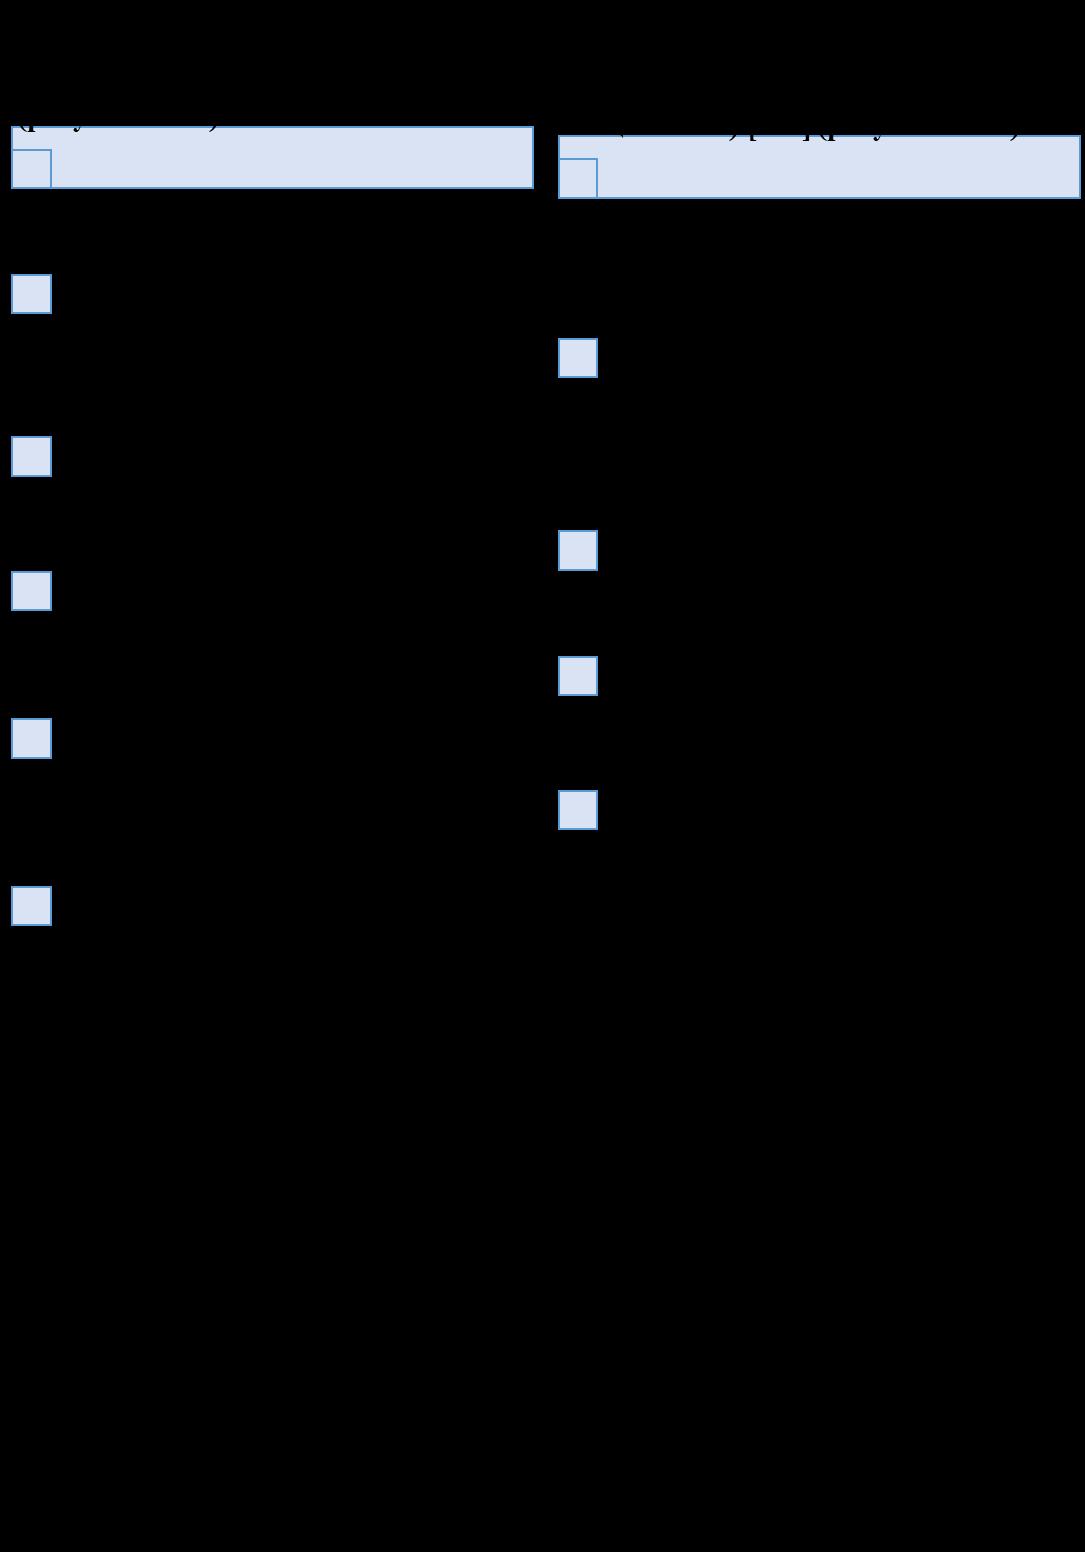 word image 111 Мониторинг и анализ образовательной деятельности образовательных организаций аграрного профиля в условиях «регуляторной гильотины»